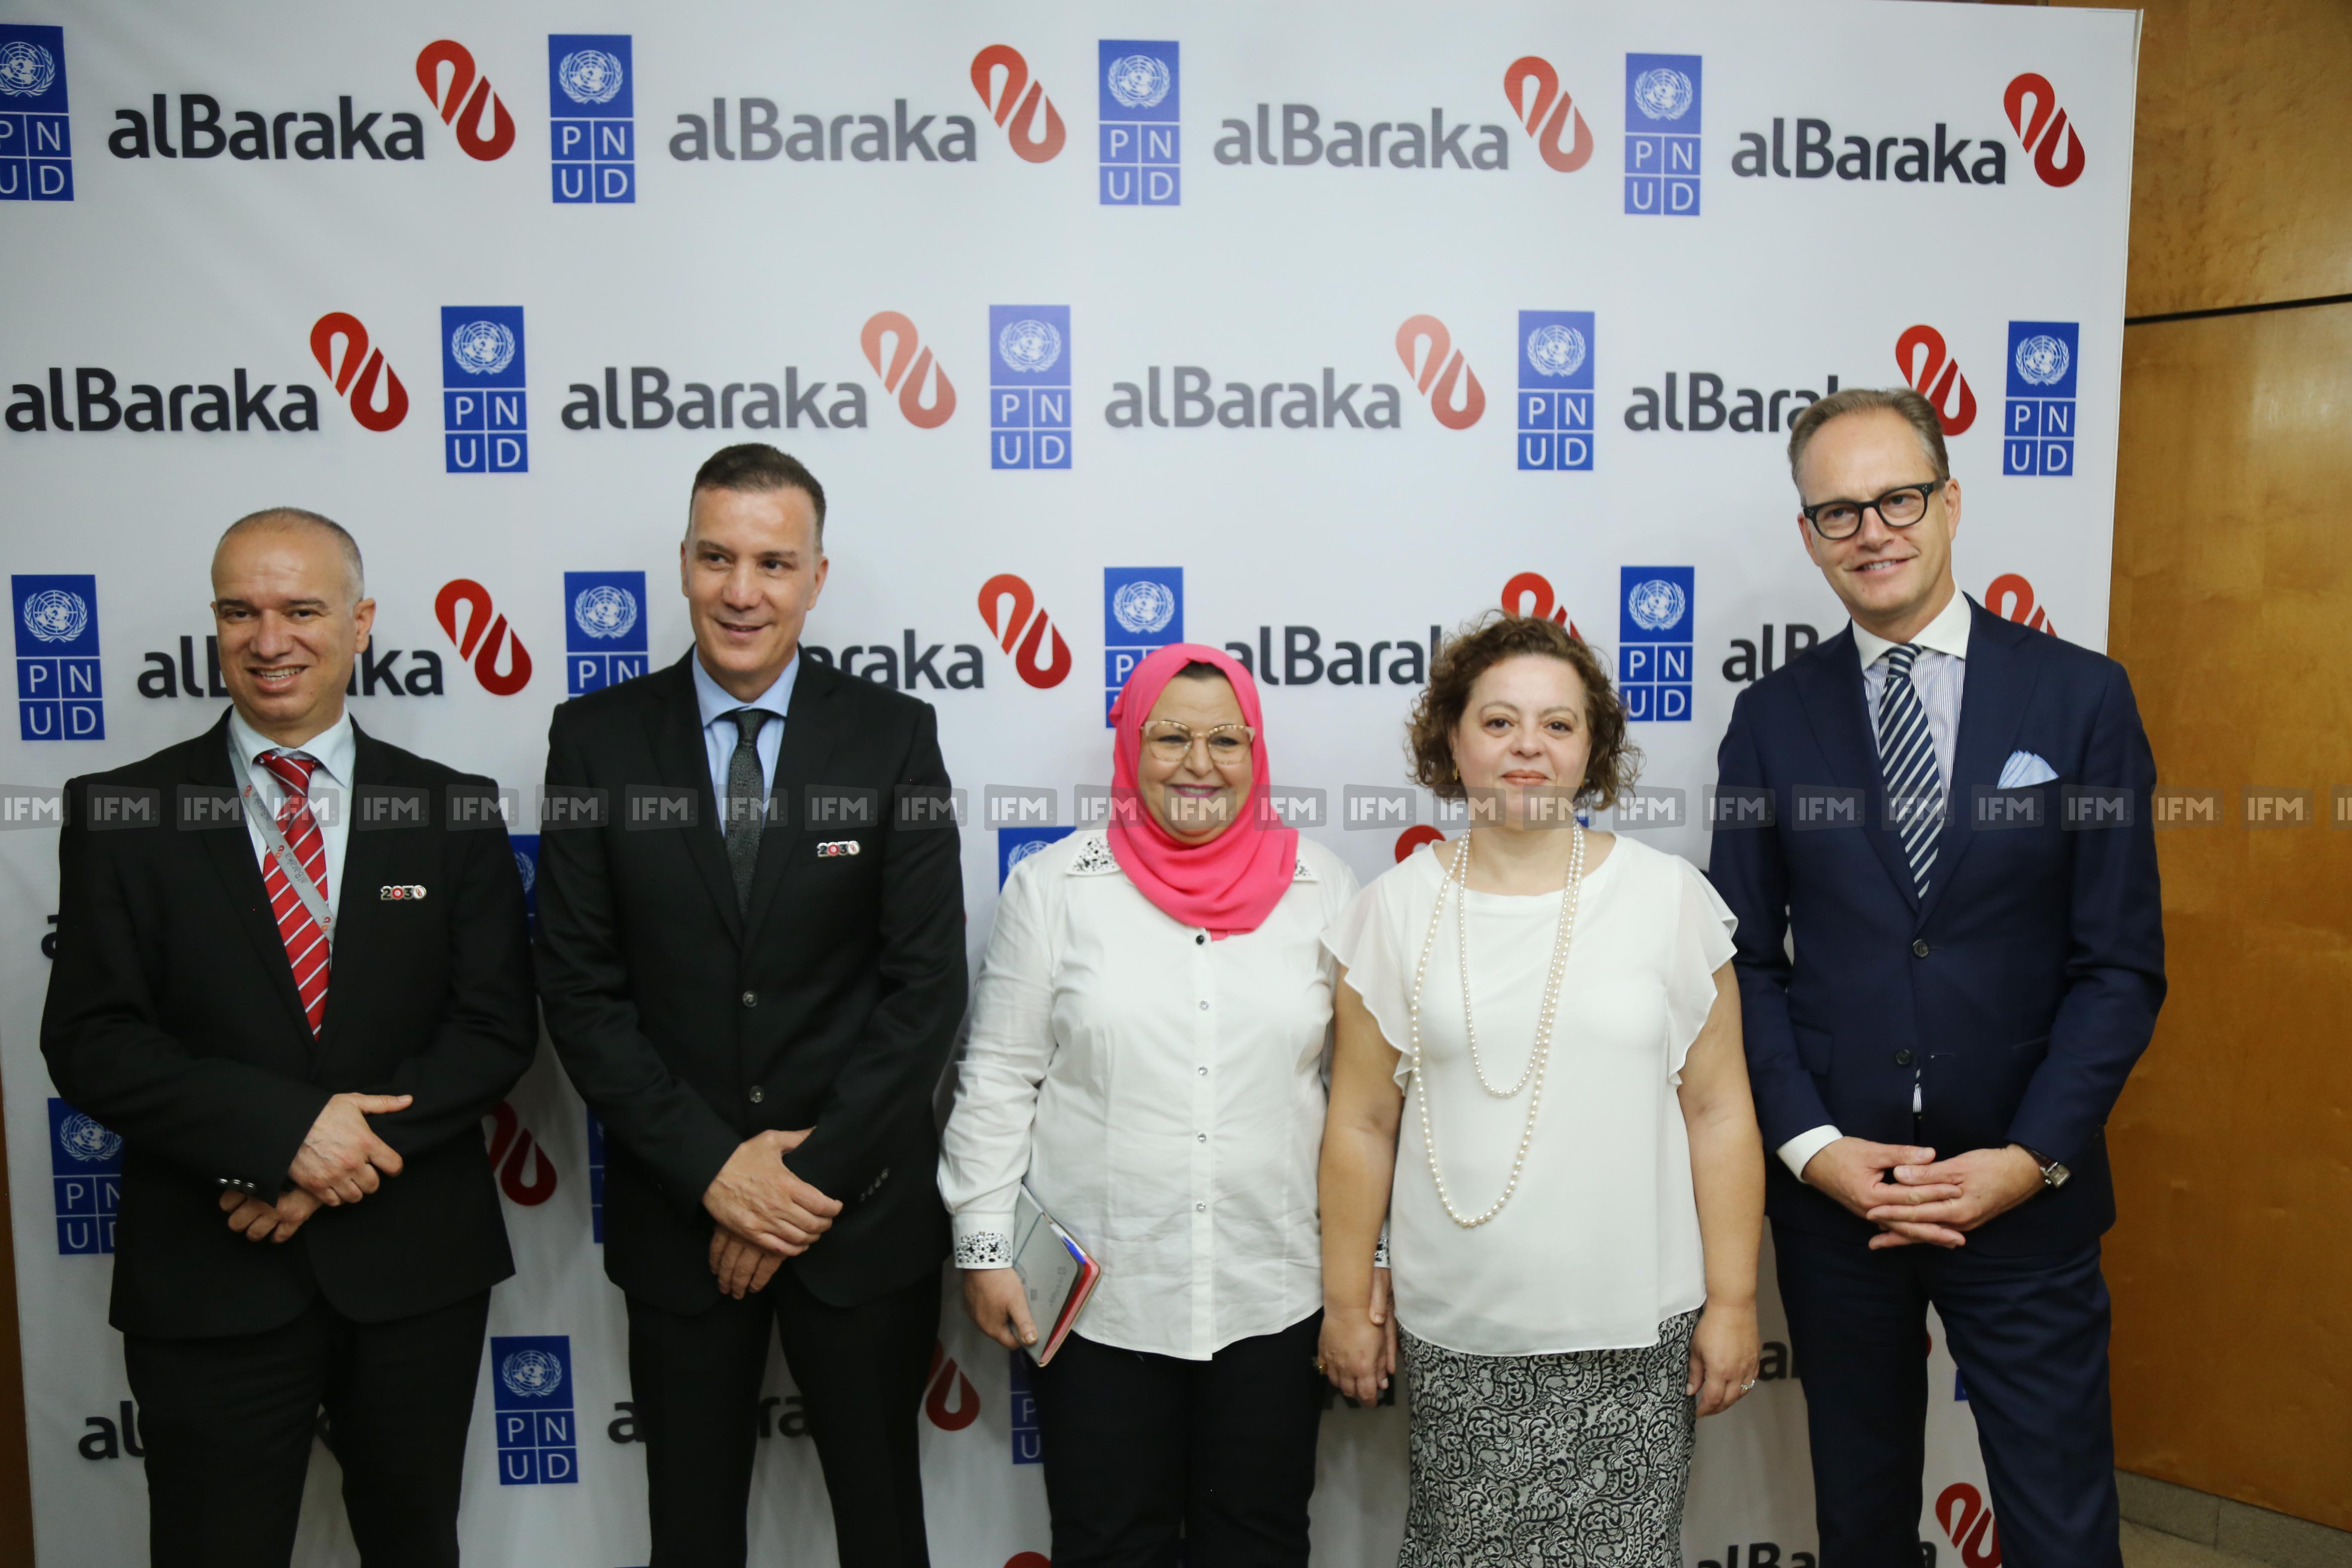 بنك البركة : توقيع إتفاق مع برنامج الأمم المتحدة الإنمائي